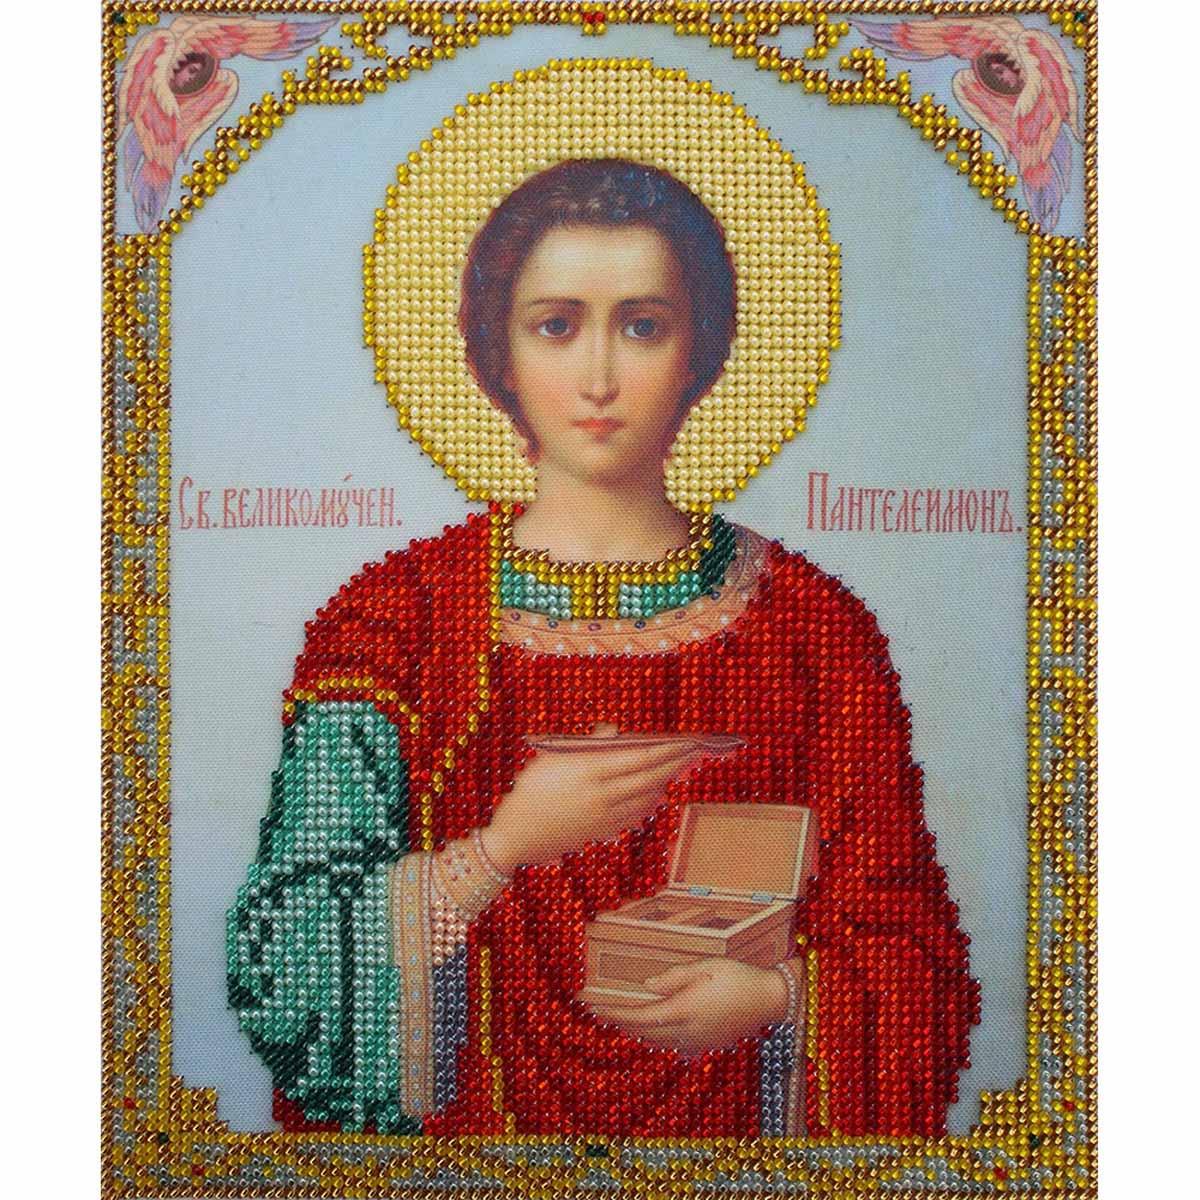 БН-4004 Набор для вышивания бисером Hobby&Pro 'Святой Великомученик Пантелеймон', 19*23 см